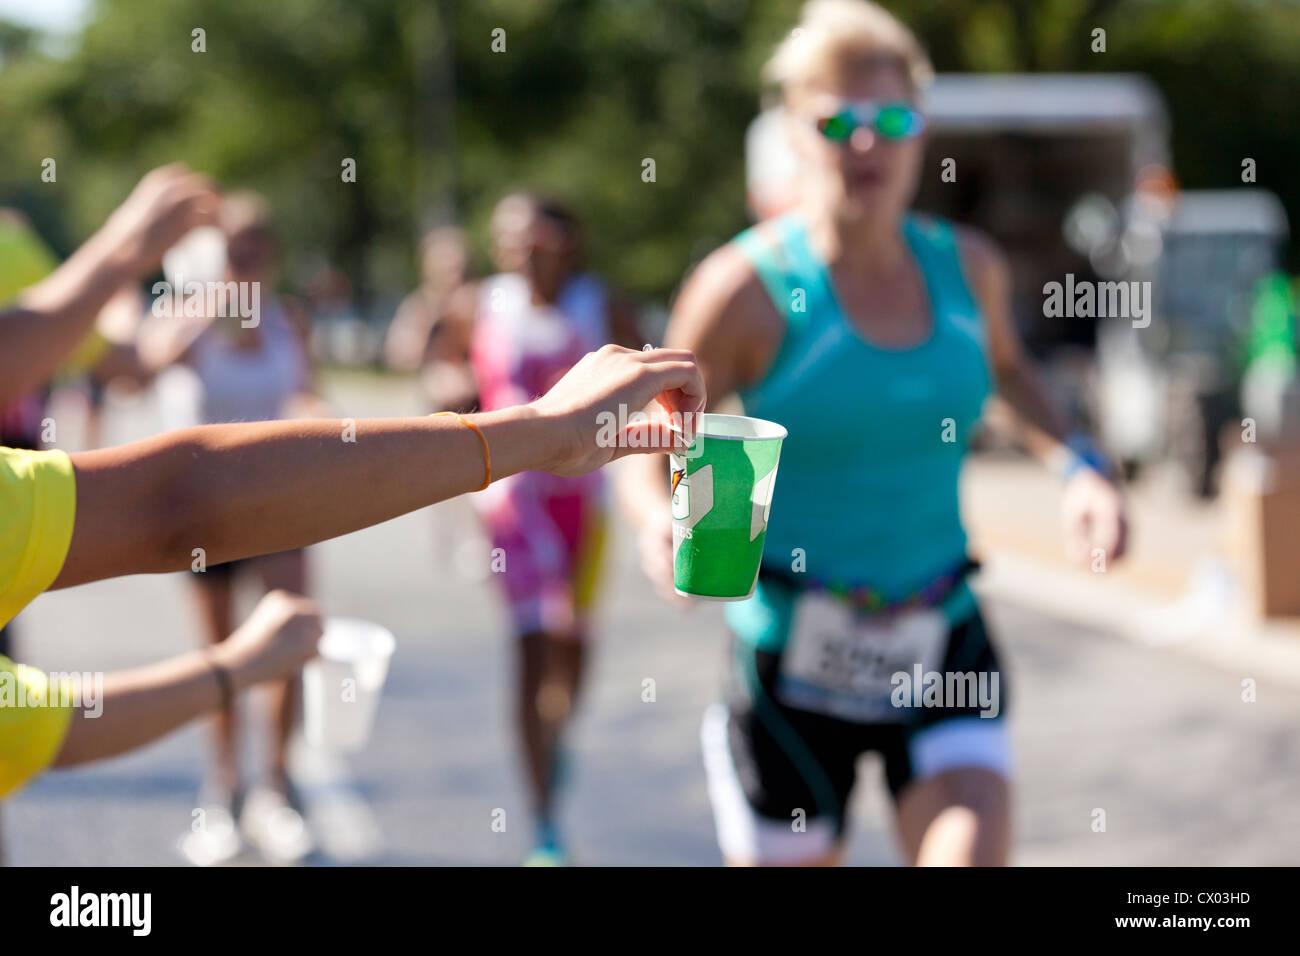 Maratona di offerta di volontariato acqua per i corridori - USA Immagini Stock